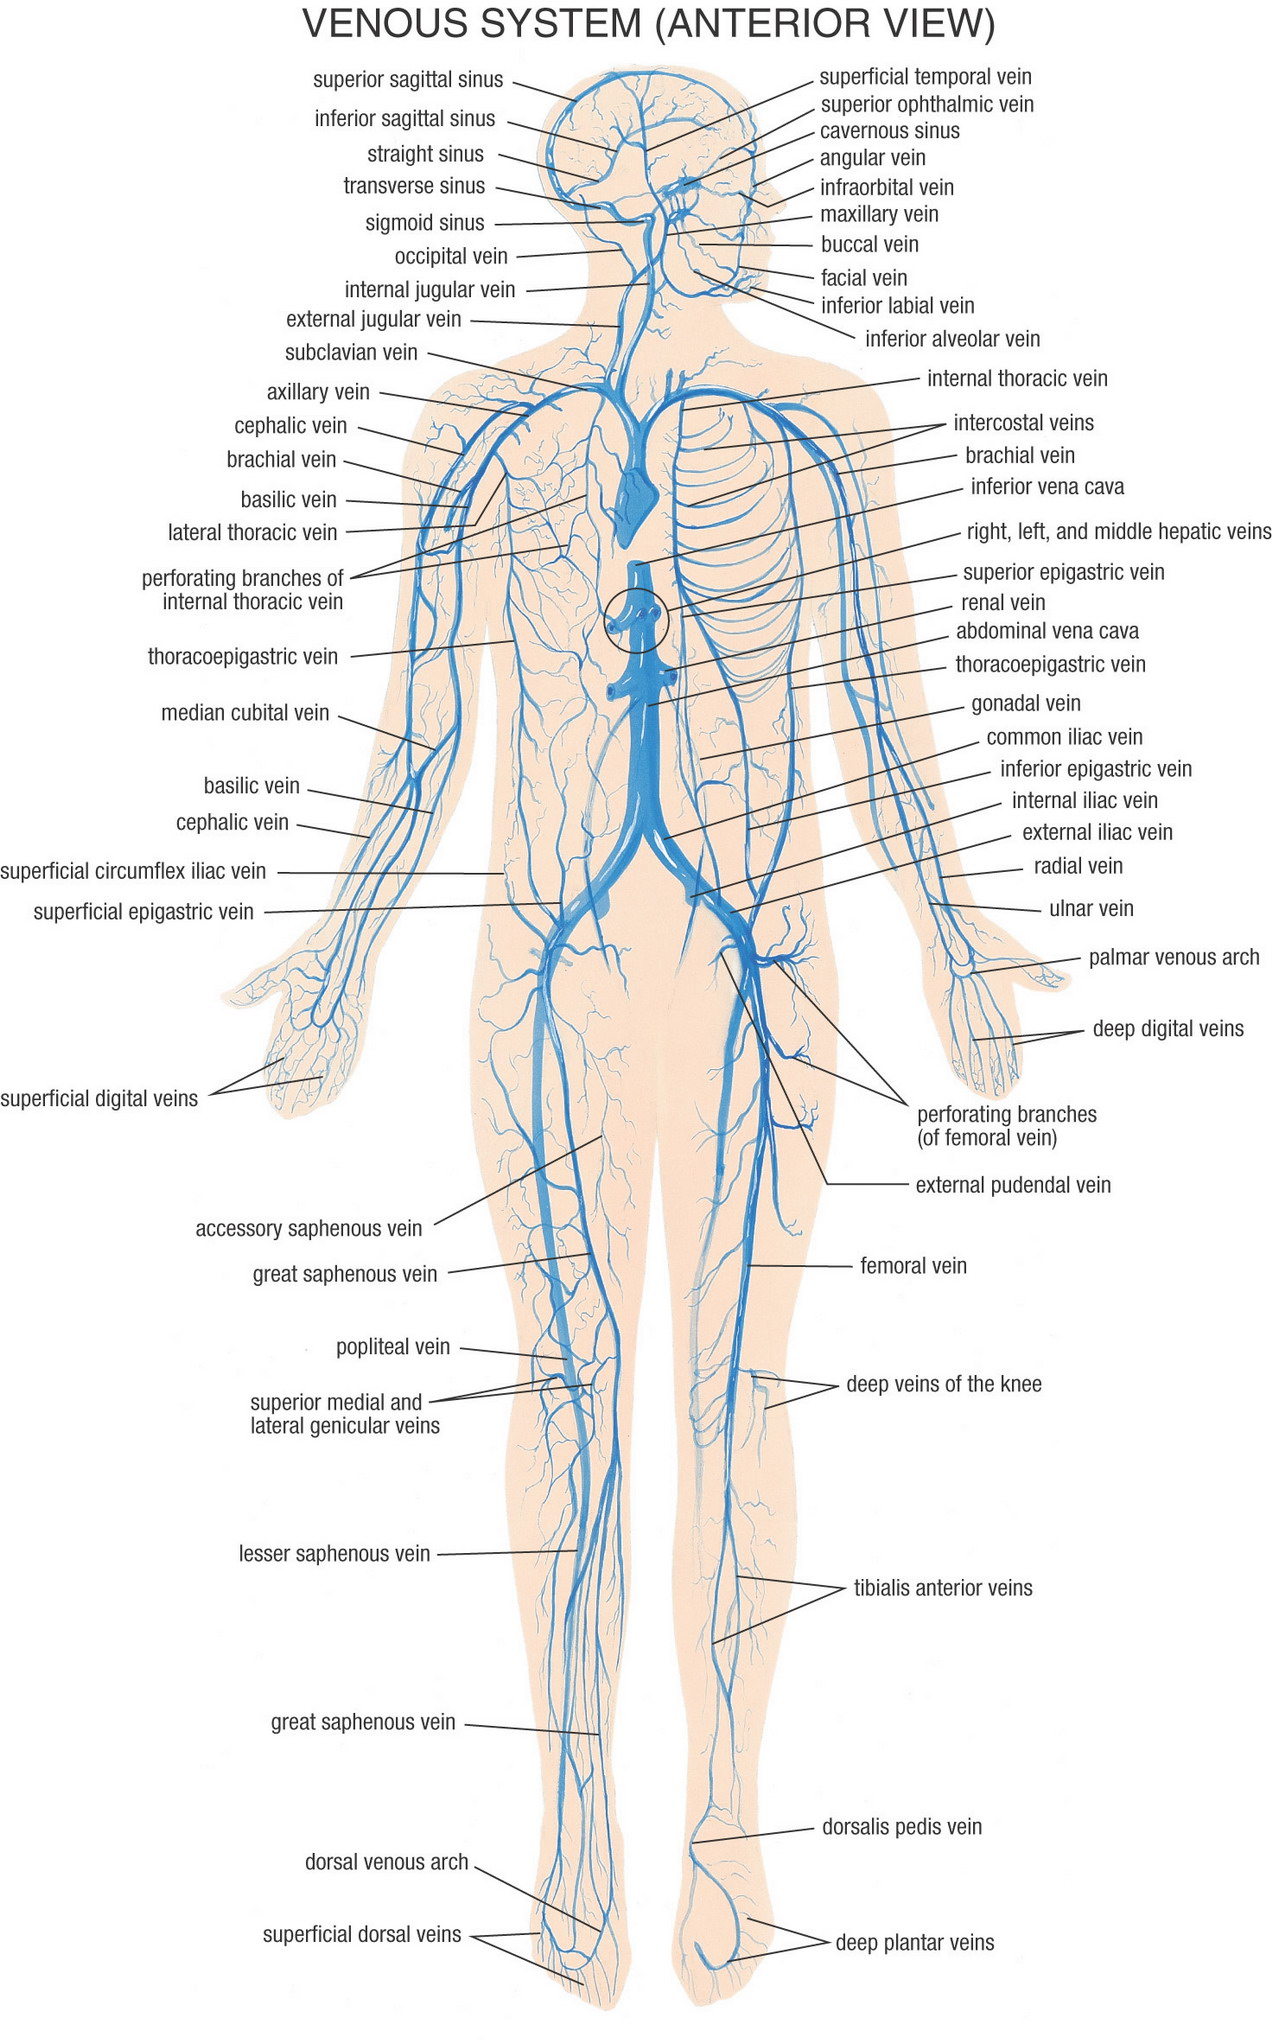 Ausgezeichnet Anatomie Der Venen Im Bein Zeitgenössisch ...